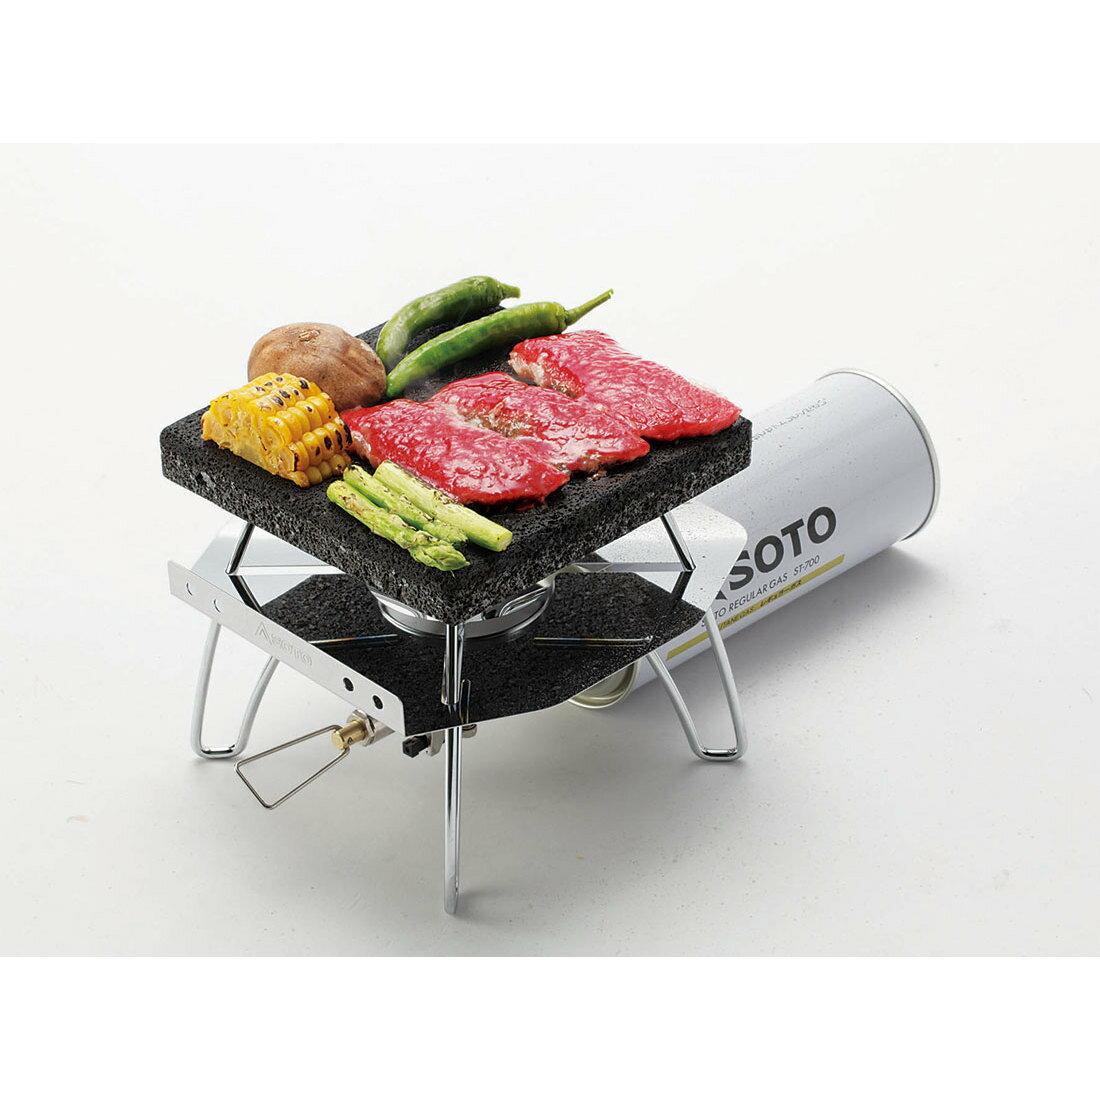 迷你蜘蛛爐 ST-310 +岩燒烤盤 ST-3102 0